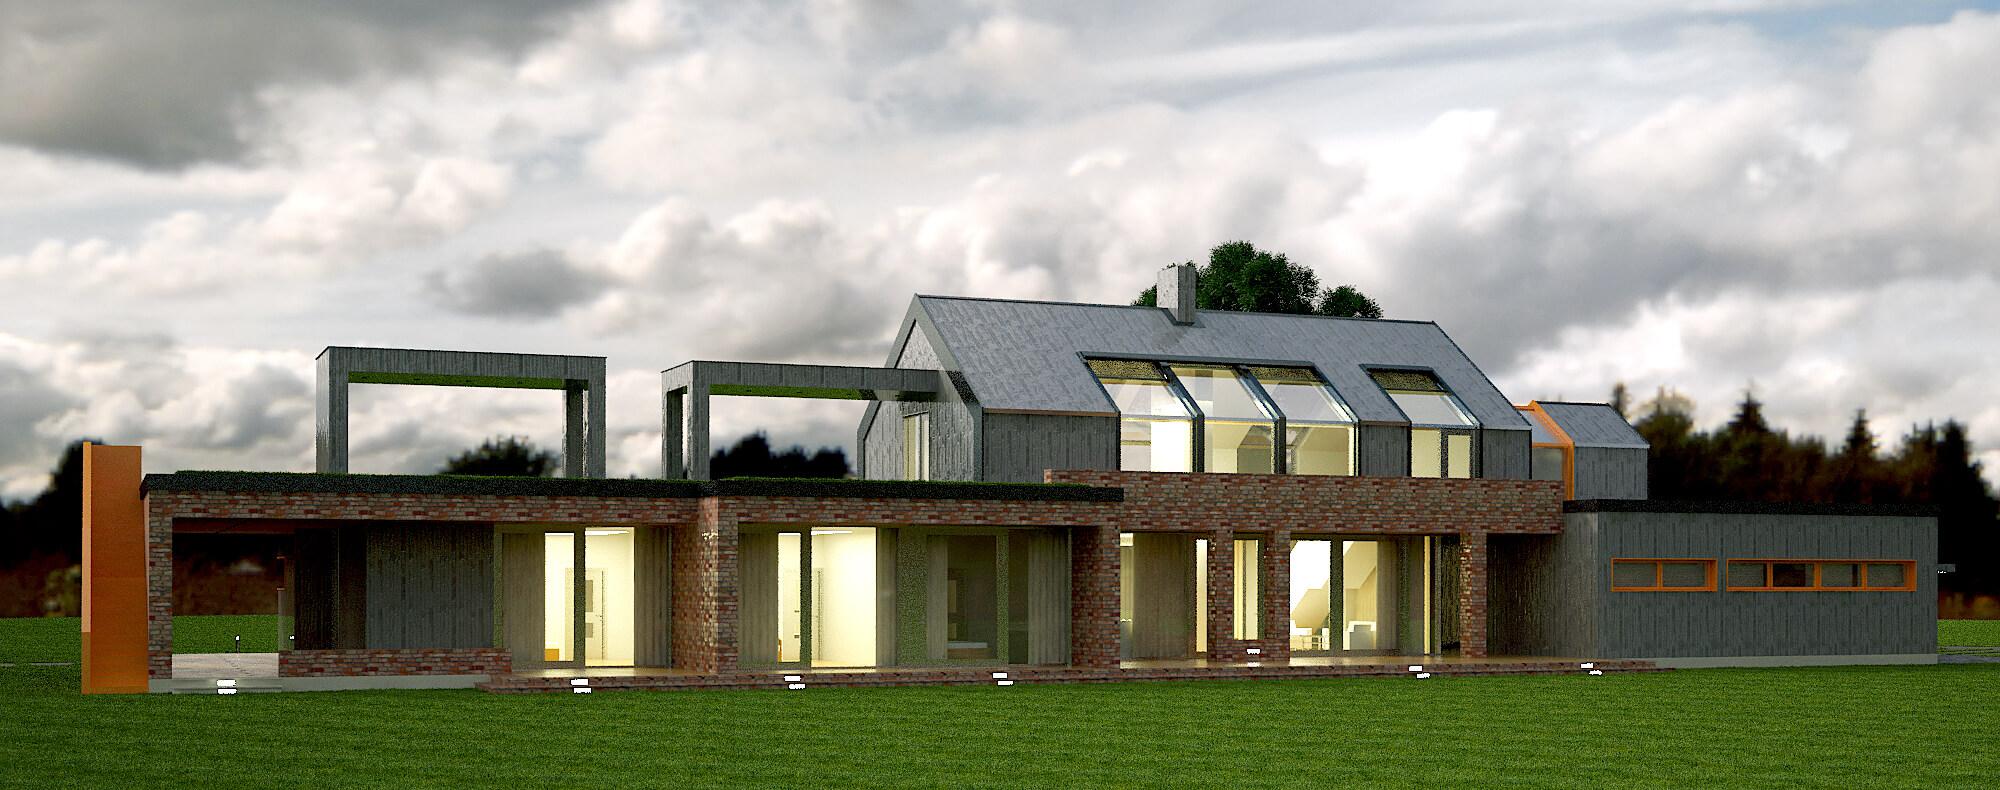 Современный загородный дом (изображение 1)